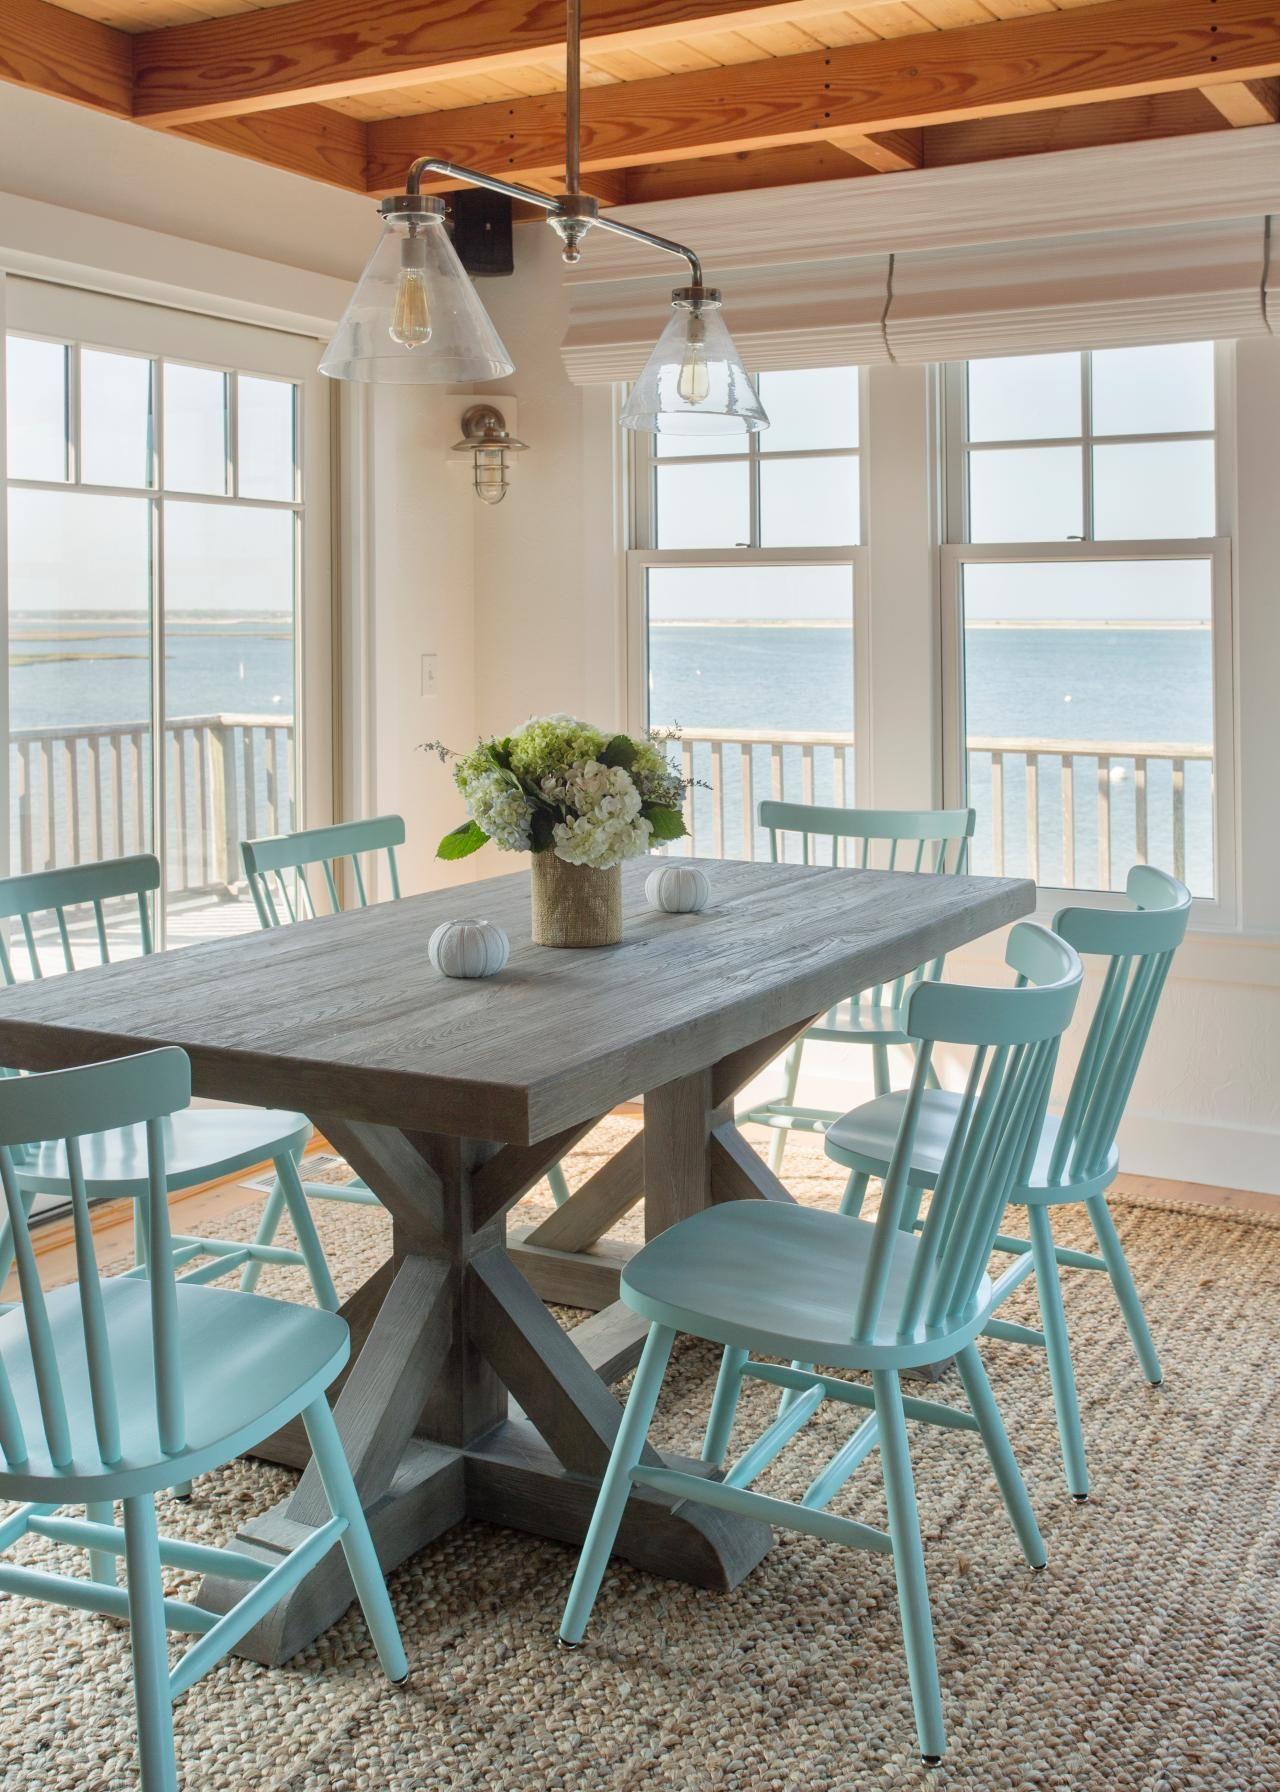 chaises peintes vieilles chaises plan maison decoration maison relooking meuble salle